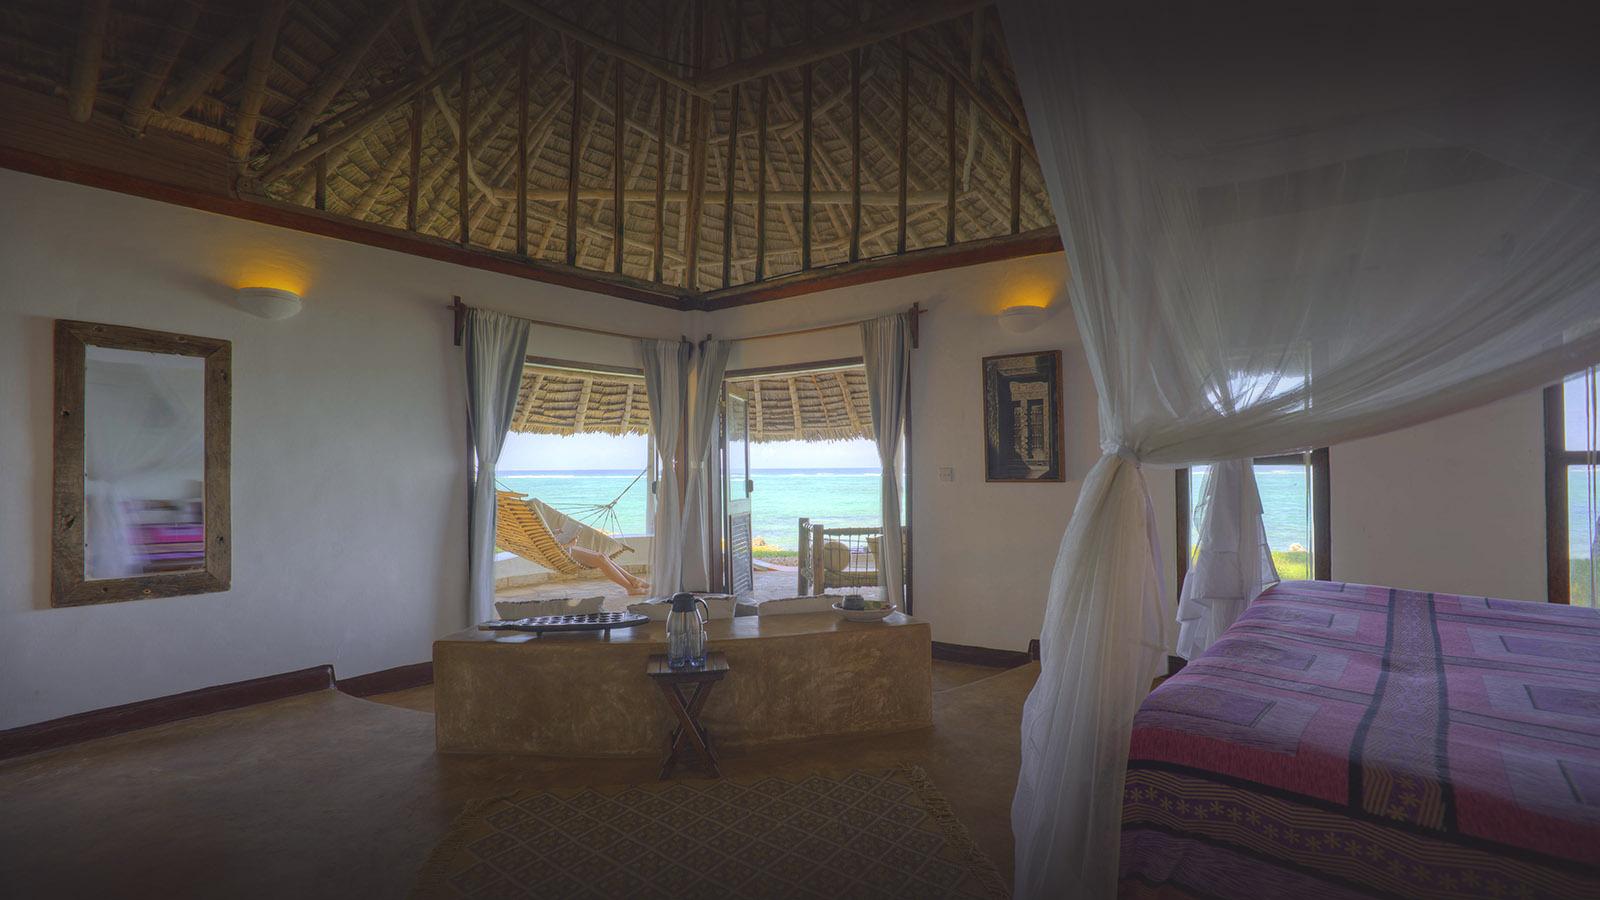 matemwe lodge tanzania-lodges-zanzibar-matemwe-village-zambia-in-style-stunning-retreat-island-vibe-room-view